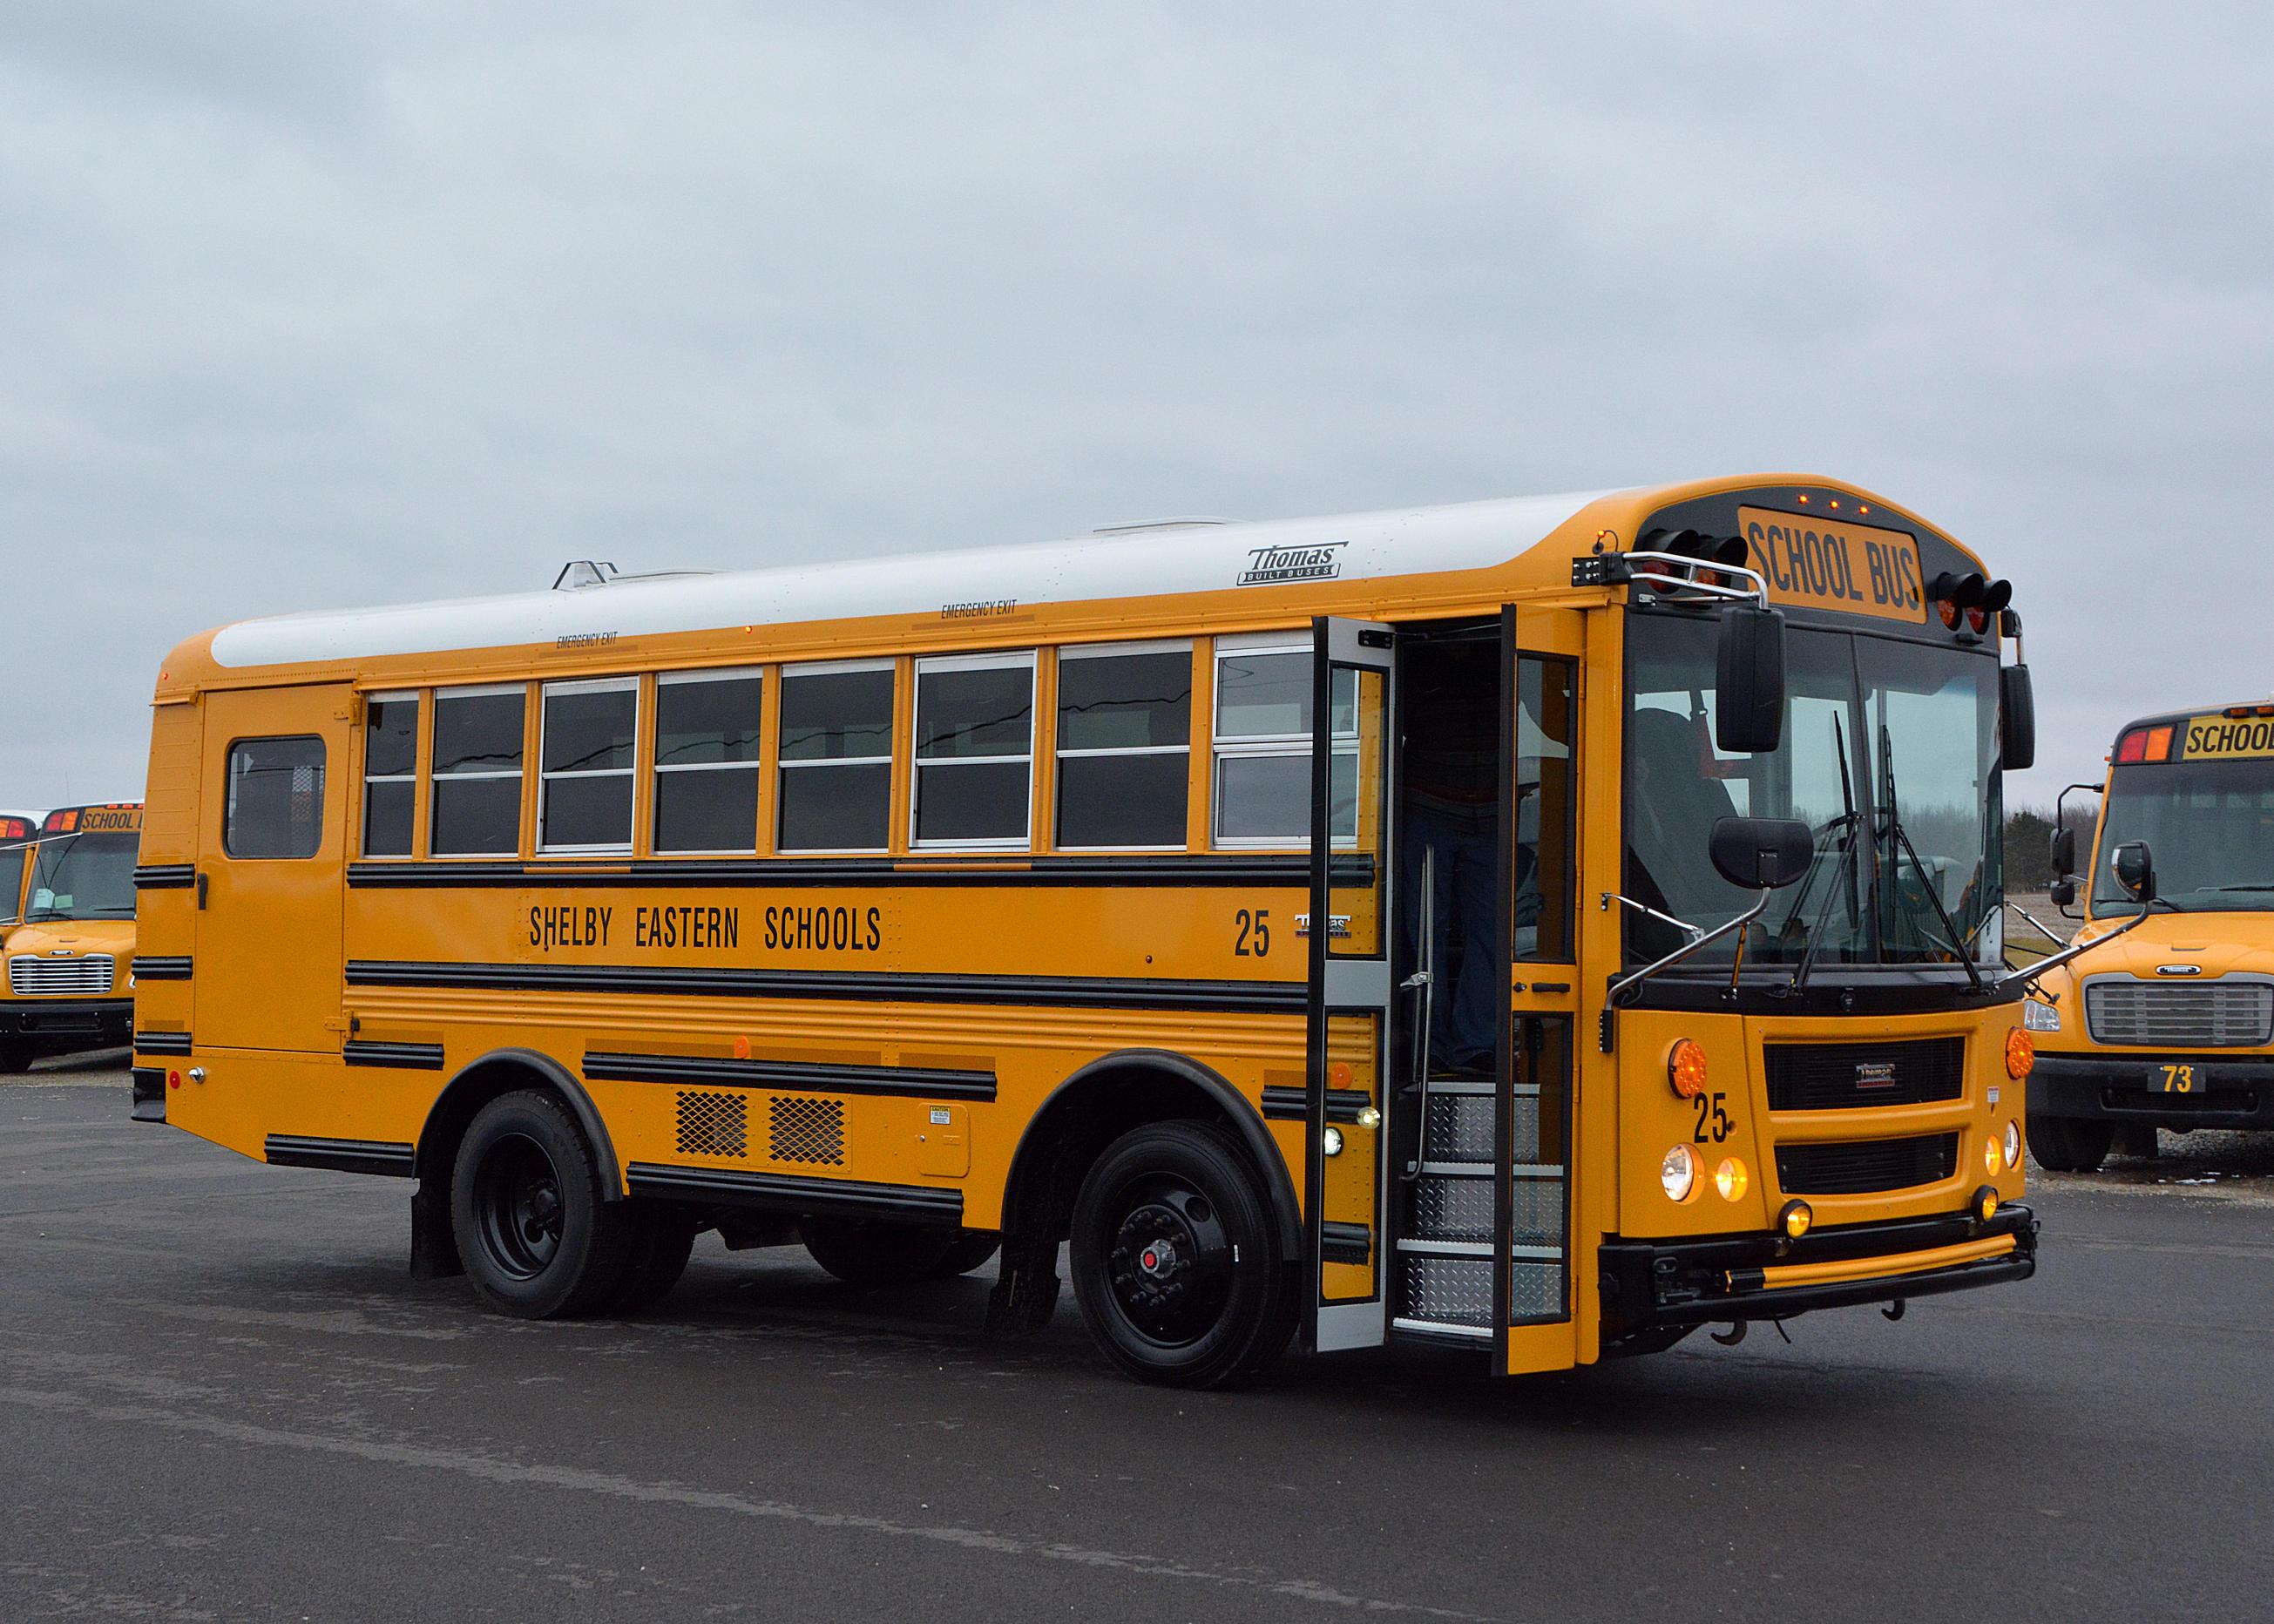 Special Education School Bus